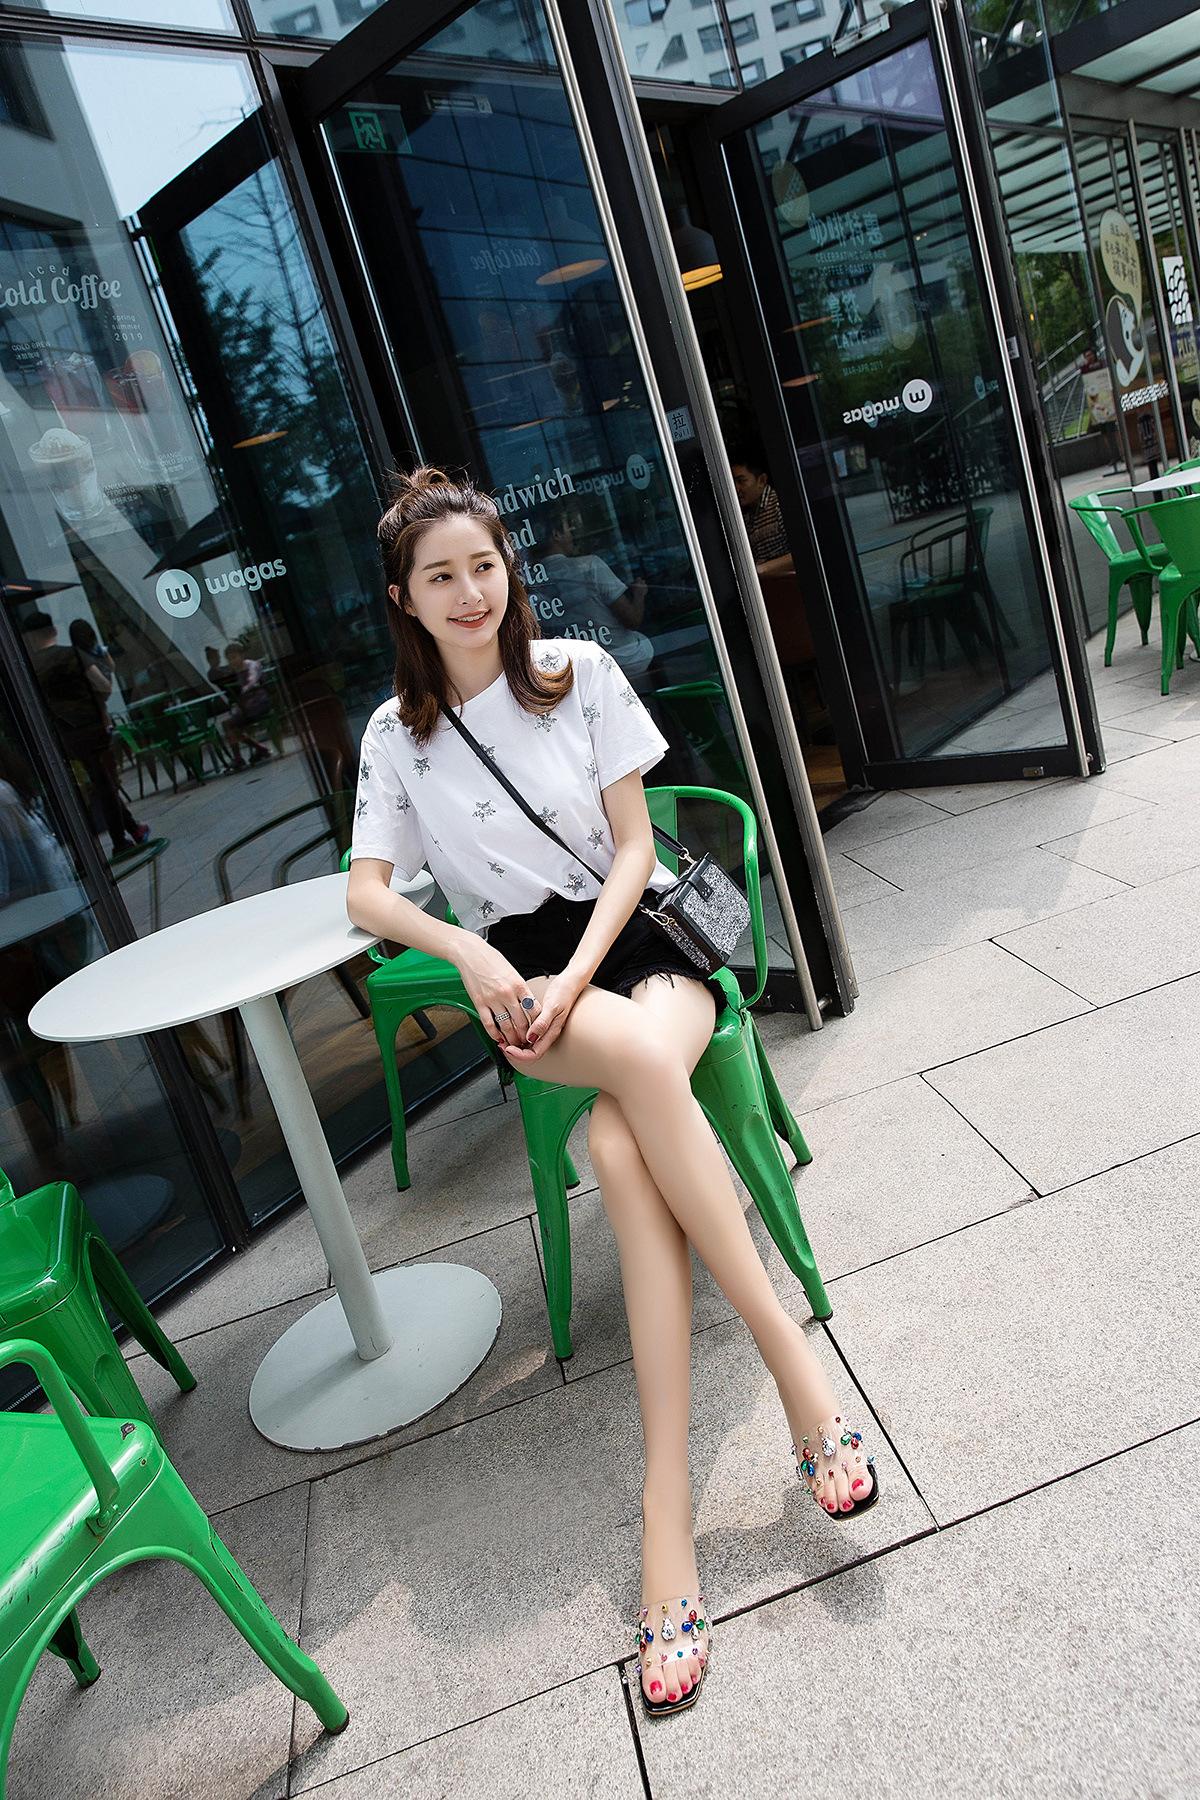 Nueva moda coreana zapatos de mujer transparentes con zapatillas de diamantes de imitación verano salvaje palabra arrastre zapatos de cristal de raíz gruesa al por mayor nihaojewelry NHYR221844